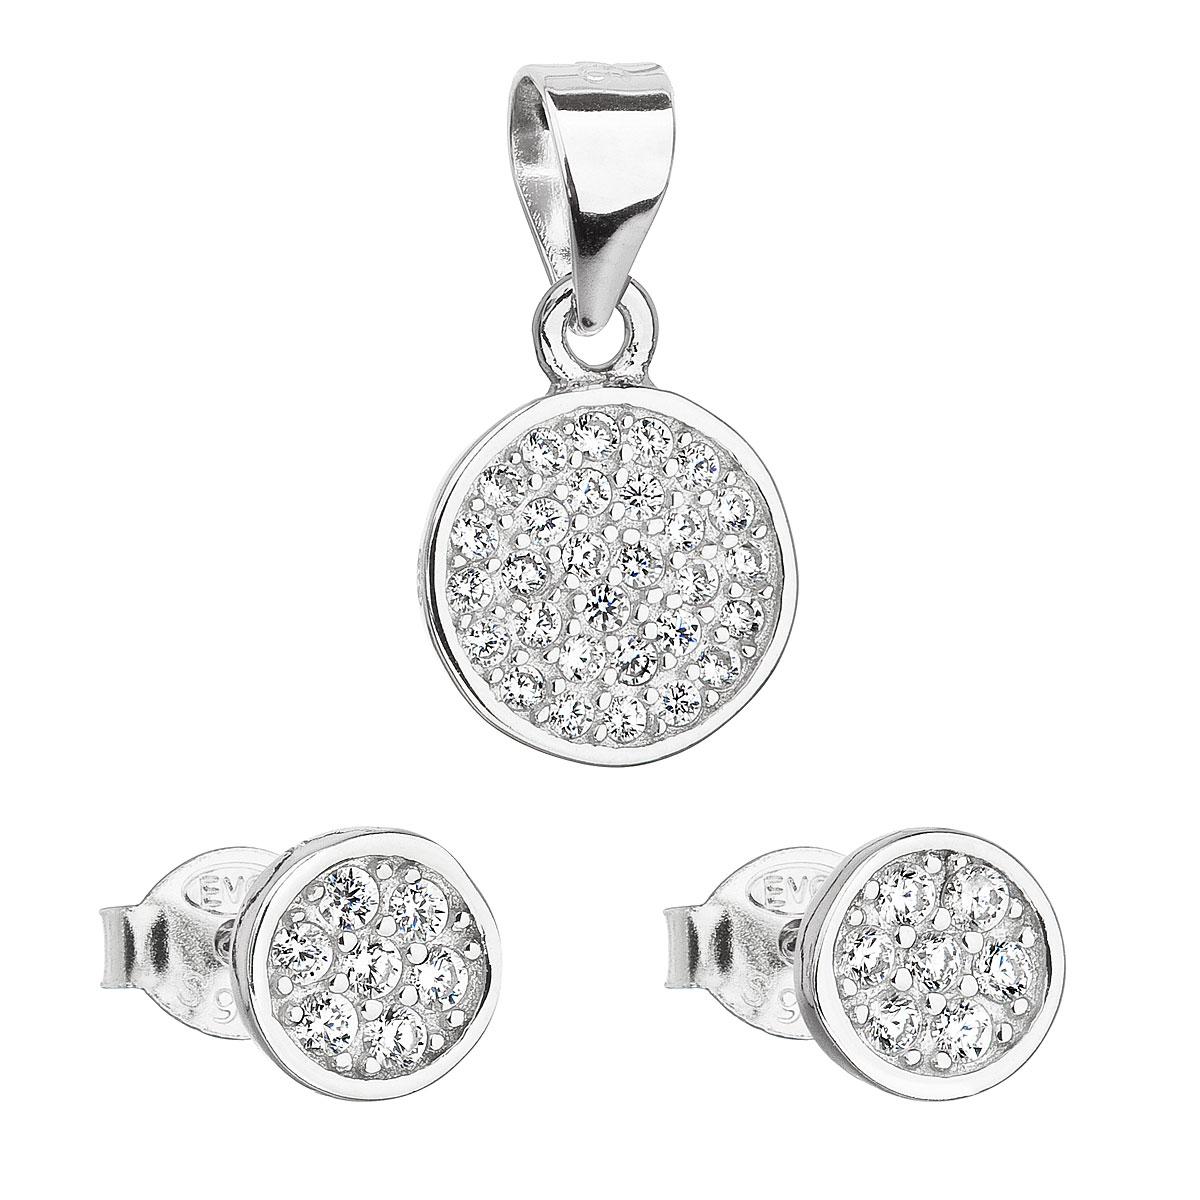 Evolution Group Sada šperků se zirkonem v bílé barvě náušnice a přívěsek 19020.1